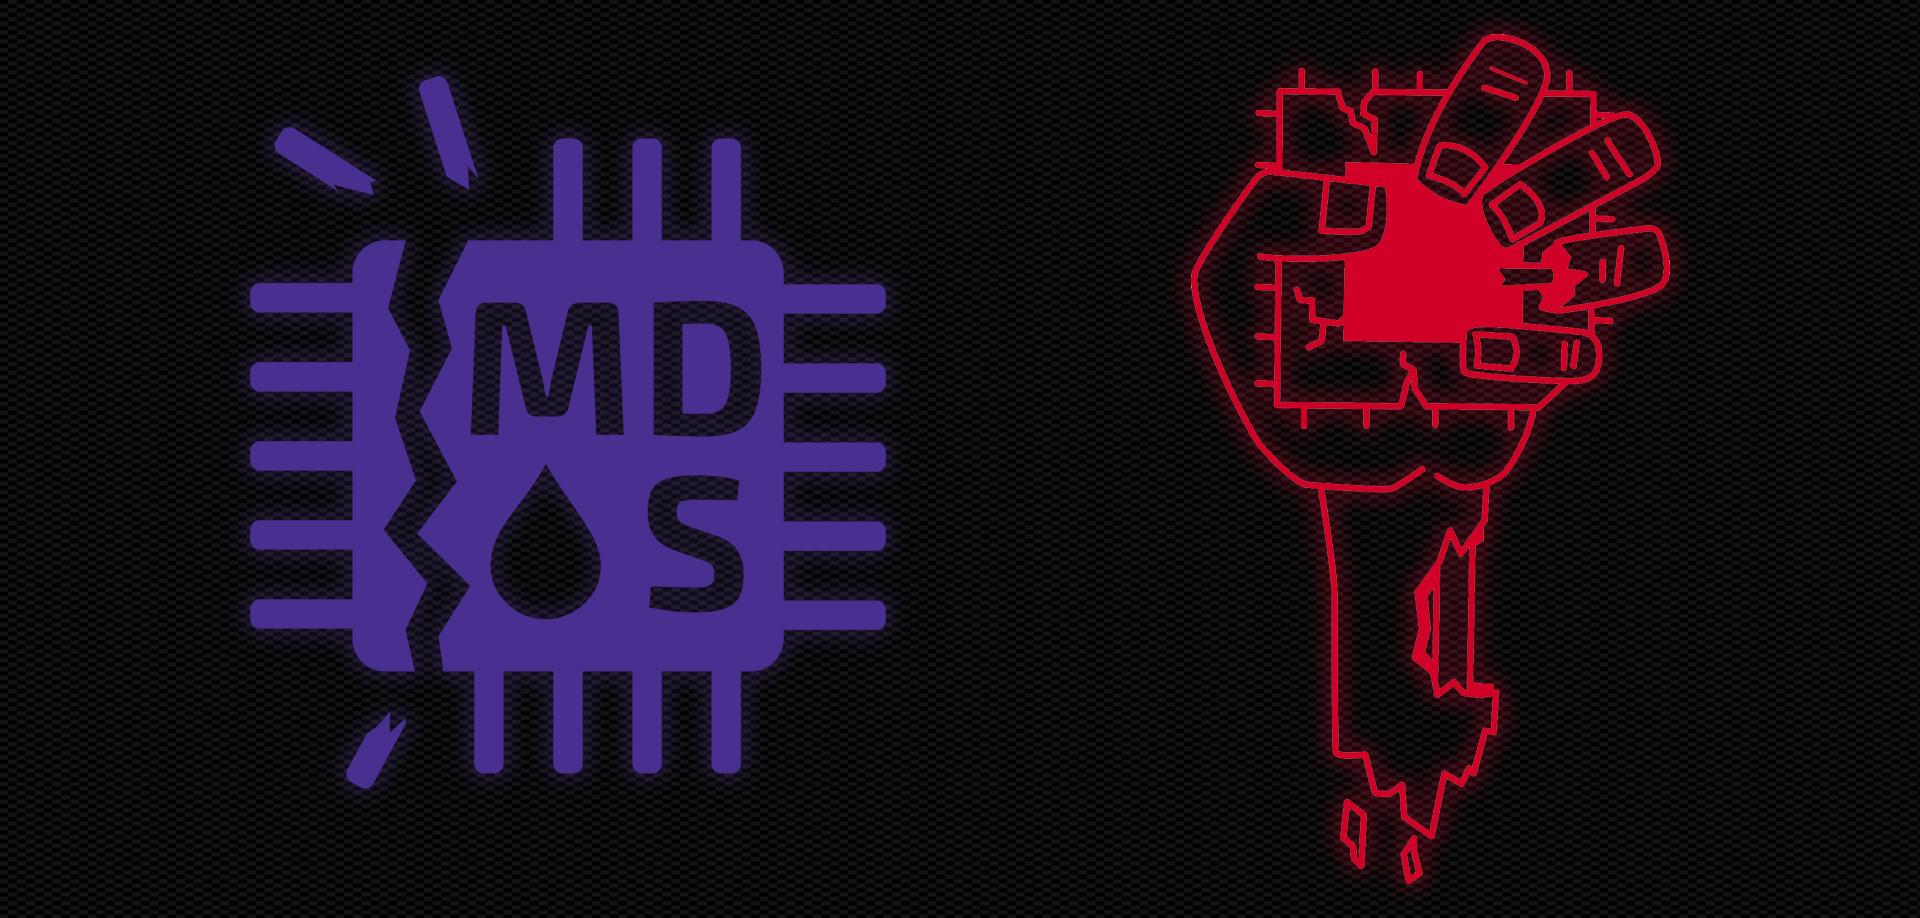 V procesoroch Intel objavili nové zraniteľnosti